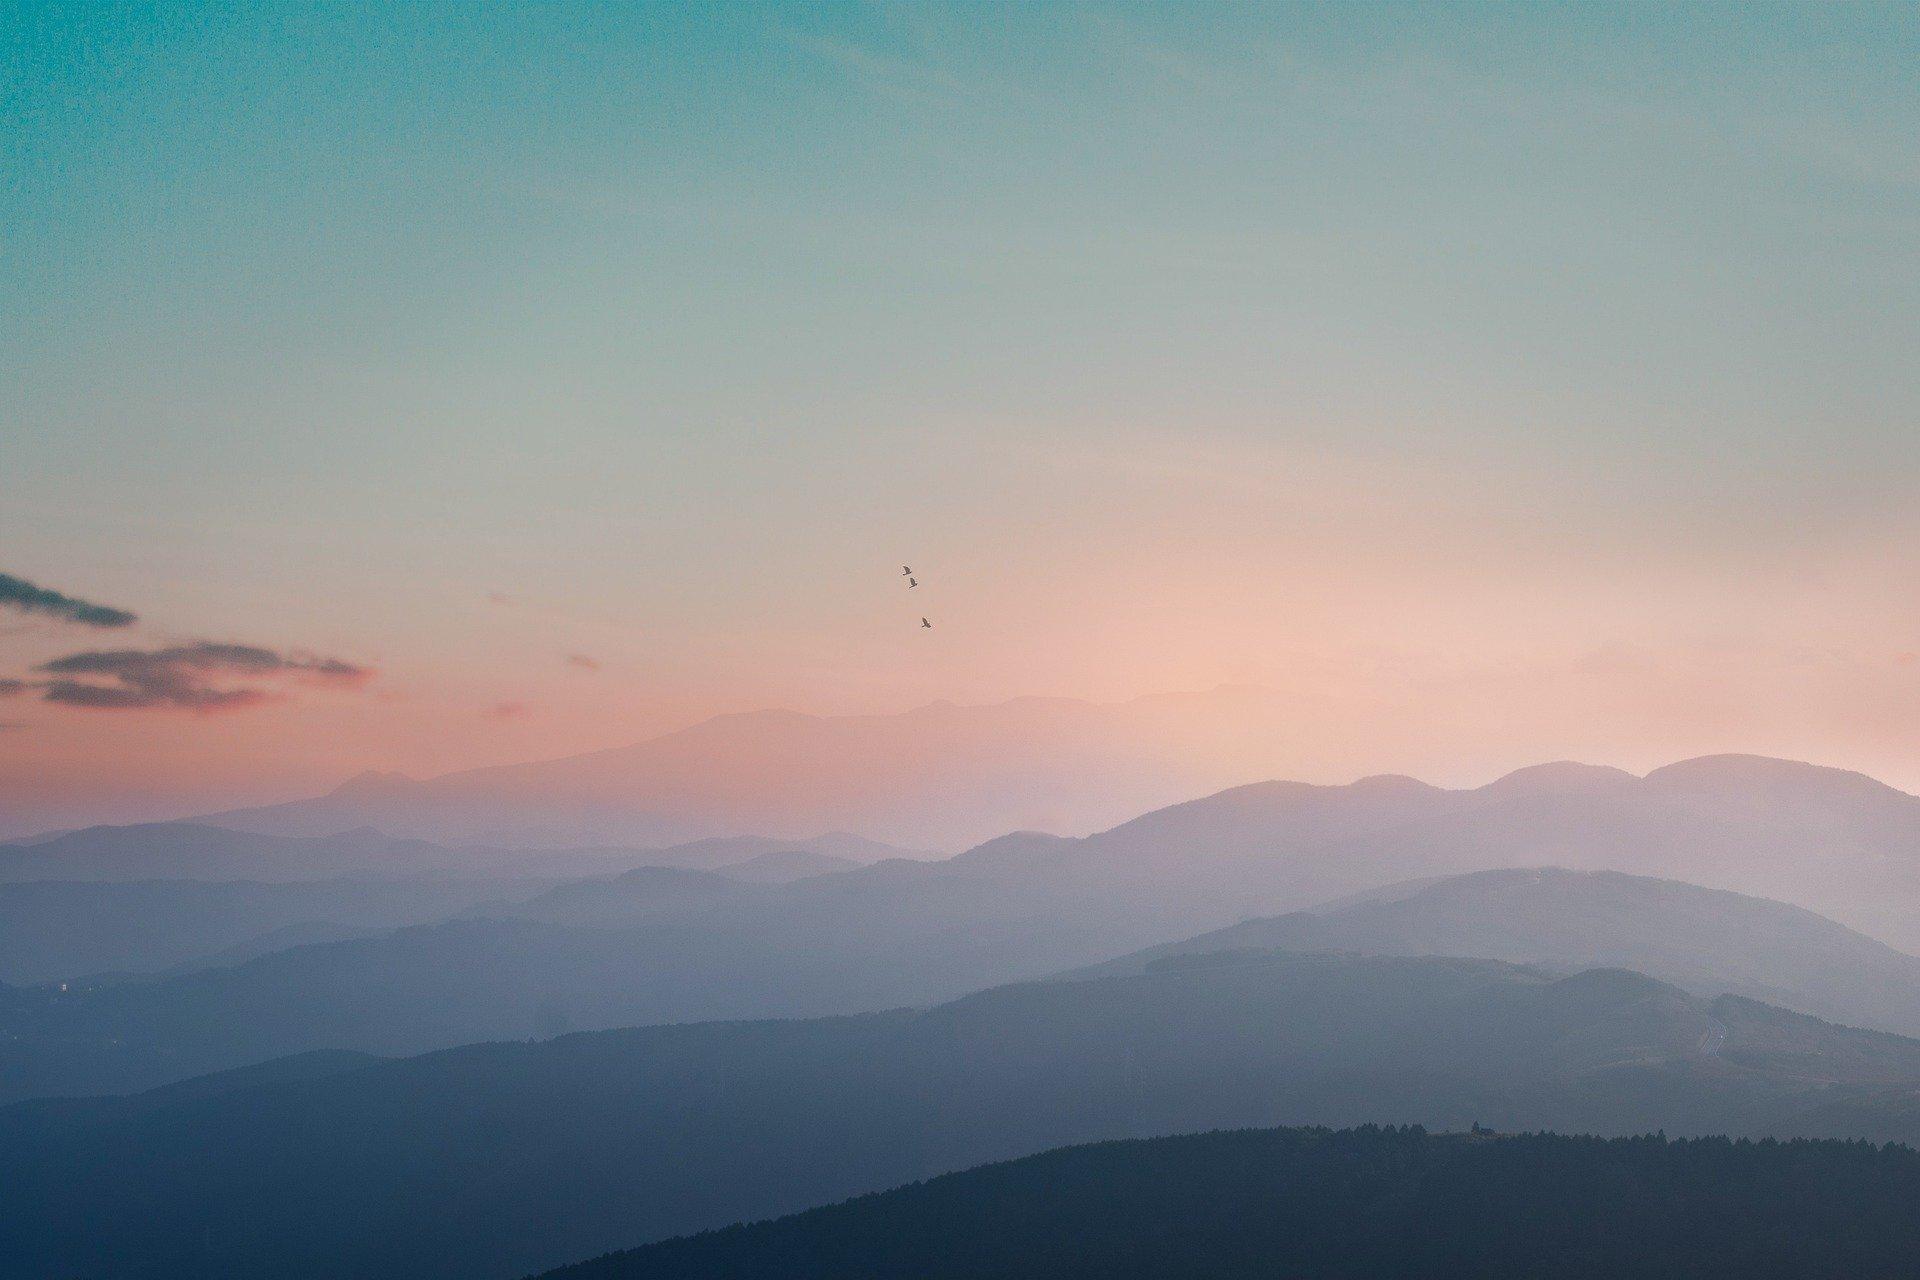 landscape-5282903_1920